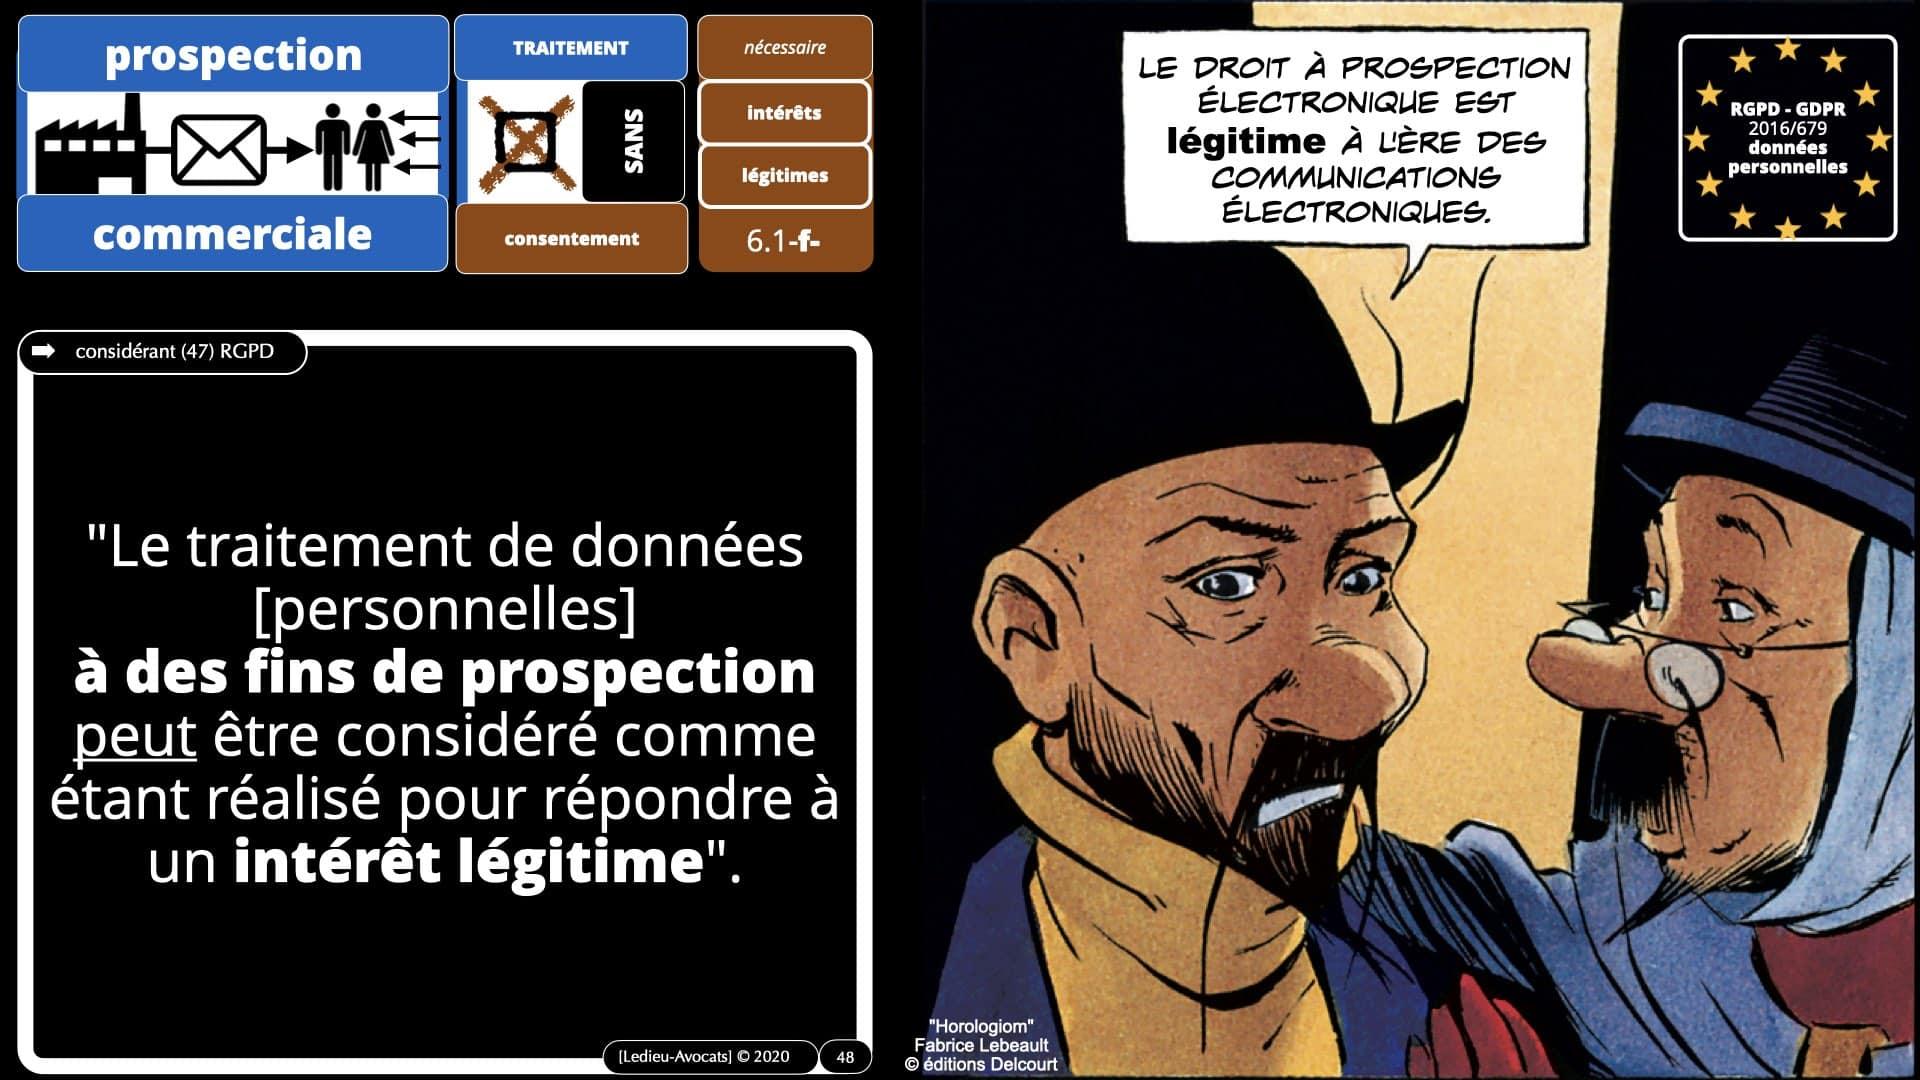 RGPD délibération CNIL Spartoo du 28 juillet 2020 n°SAN 2020-003 *16:9* ©Ledieu-Avocats 19-09-2020.048